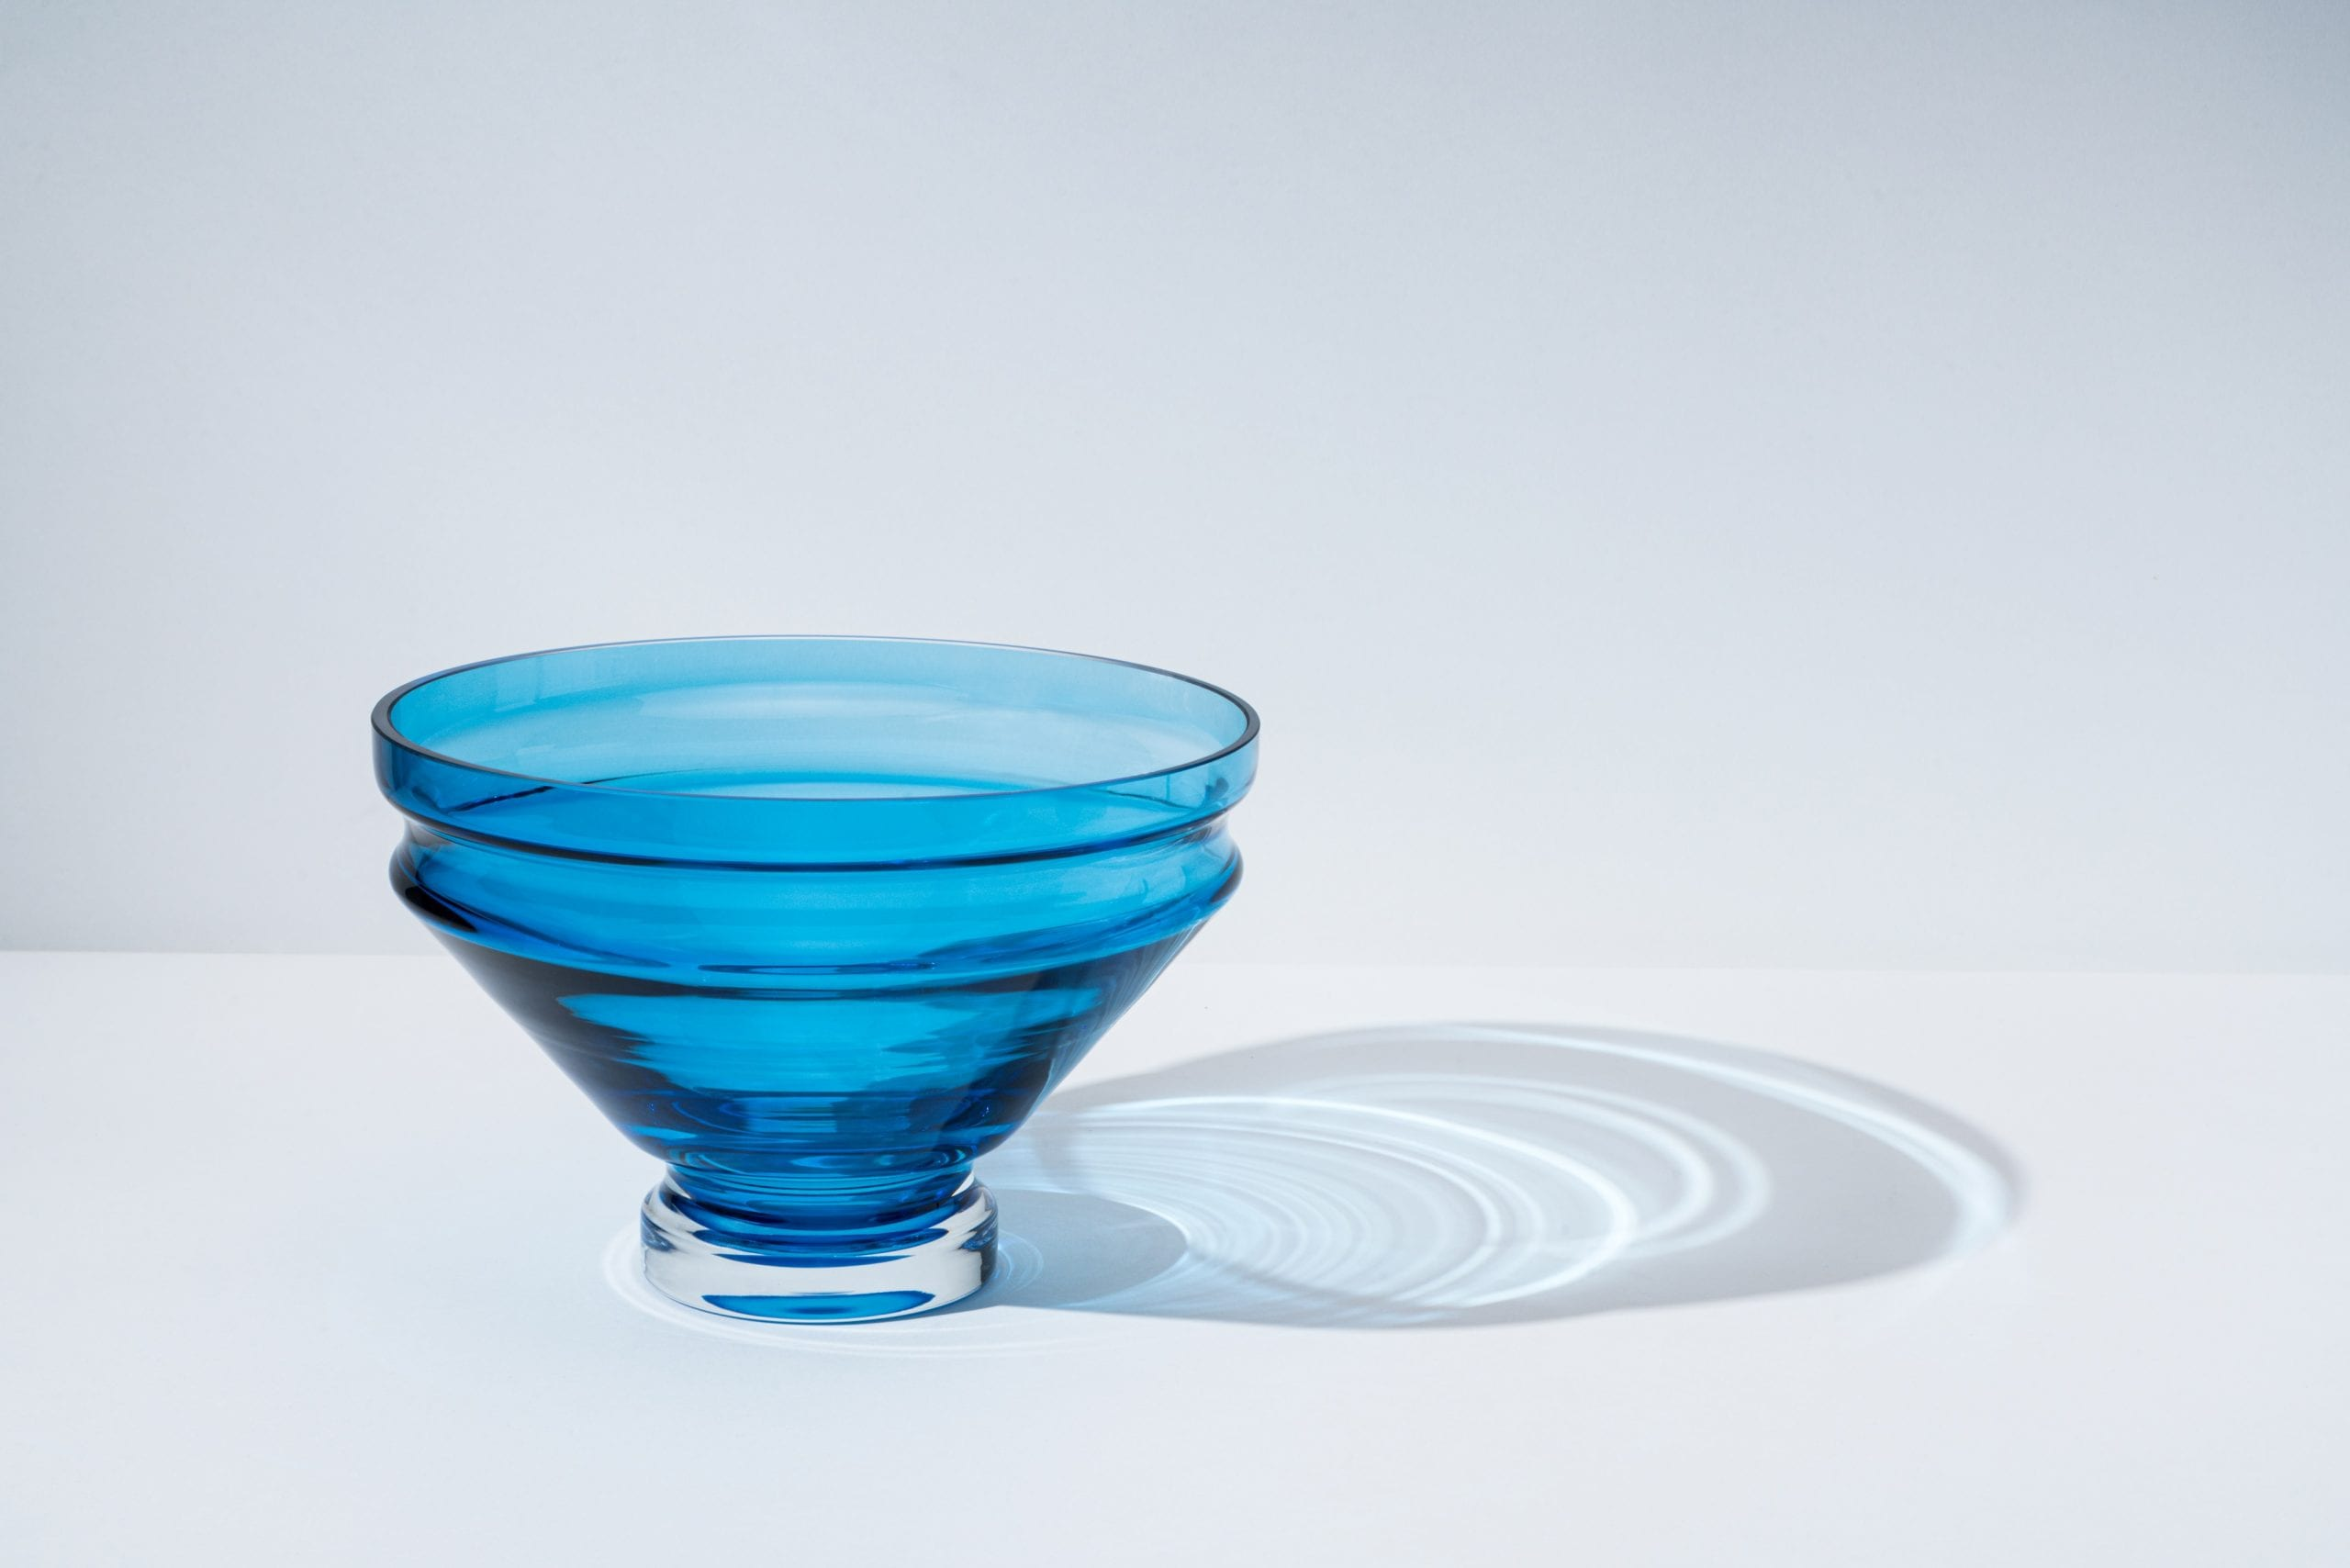 כלי בית ומטבח מעוצבים - קערת זכוכית